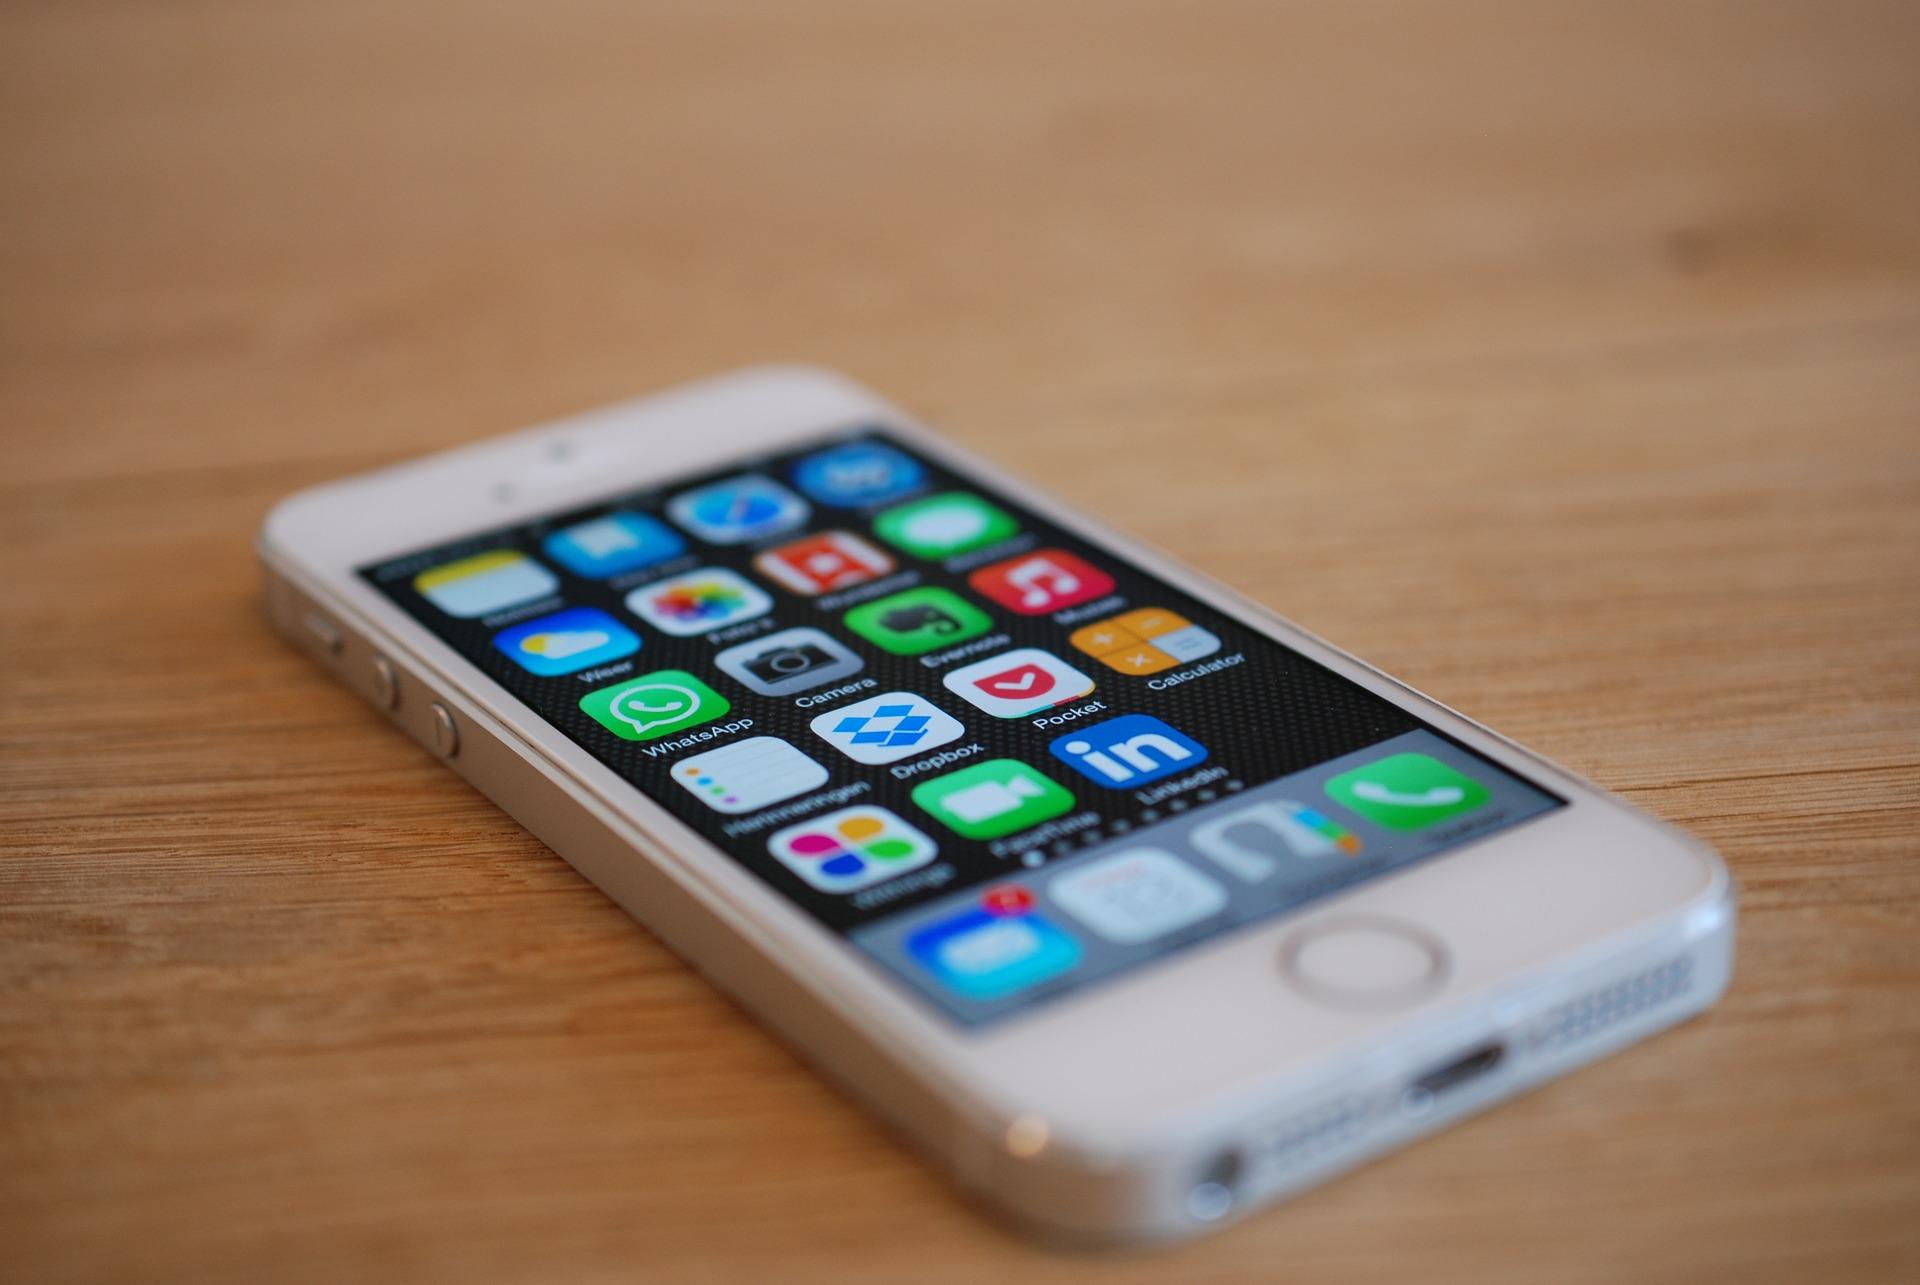 iPhoneを復元できないトラブルの時に確認する事とは?